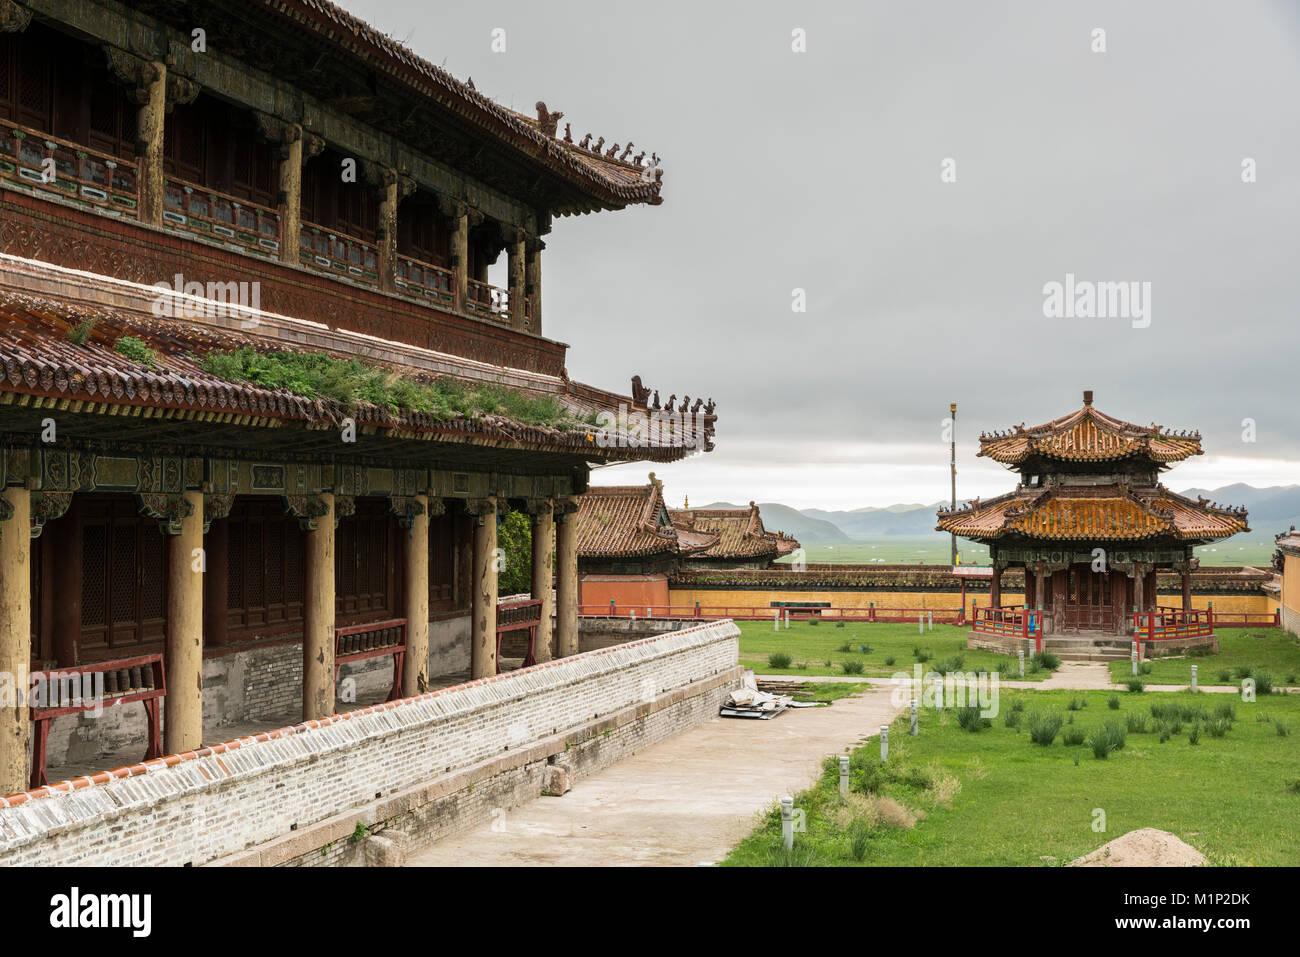 Tempel in Amarbayasgalant Kloster, Mount Baruunburen Buren-Khaan, Bezirk, Provinz Selenge, Mongolei, Zentralasien, Stockbild